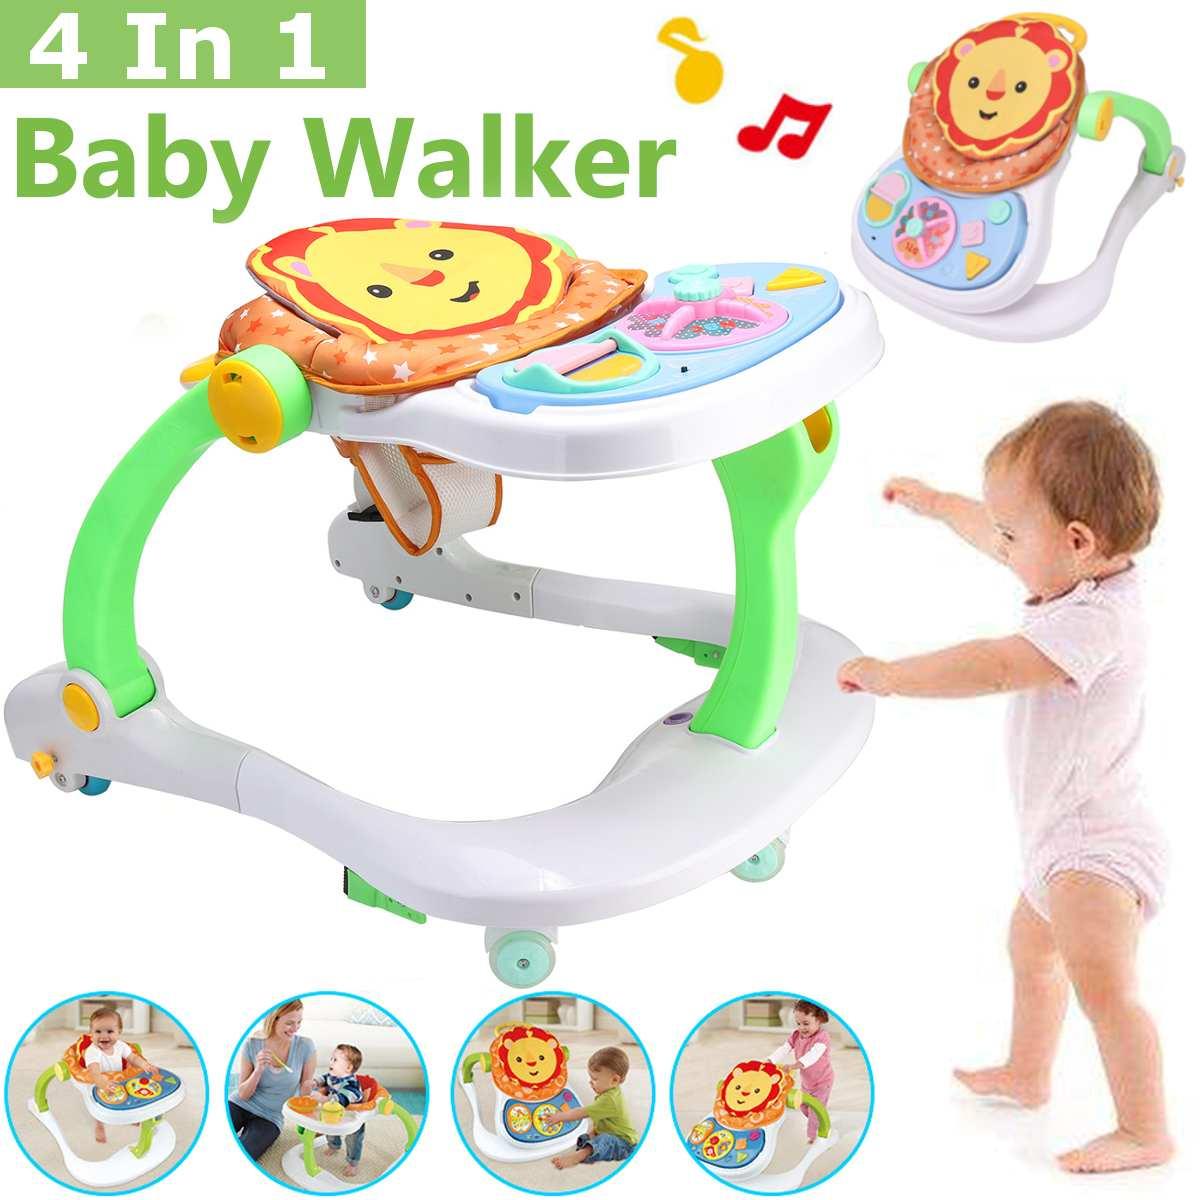 4 en 1 bébé marcheur bébé Balance premiers pas marcheur enfants bambin début chariot éducatif apprendre à se tenir marcheur